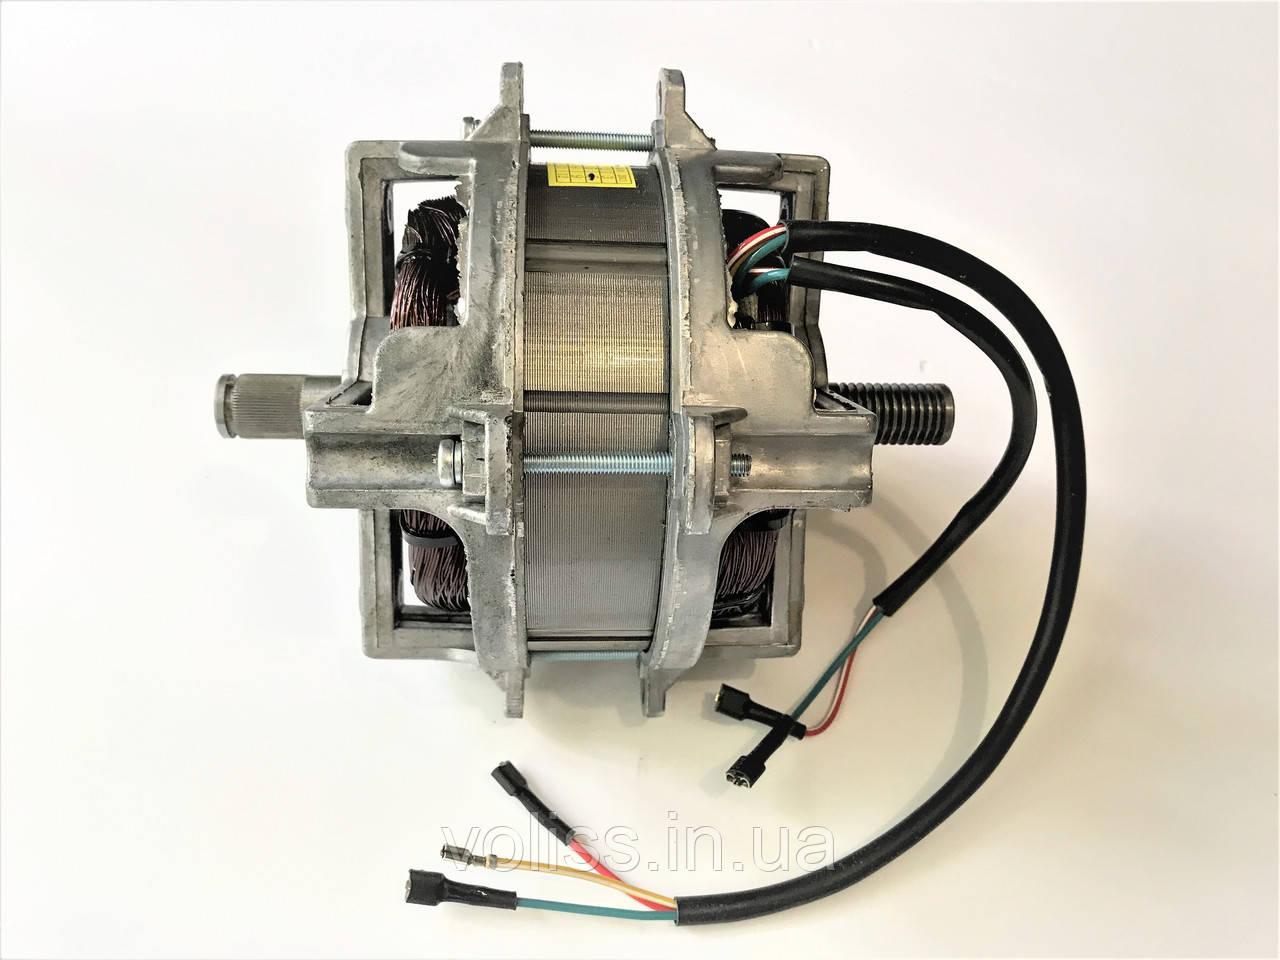 Двигатель на бетономешалку 750Вт Вектор БРС-130/БРС-165л (Украина)